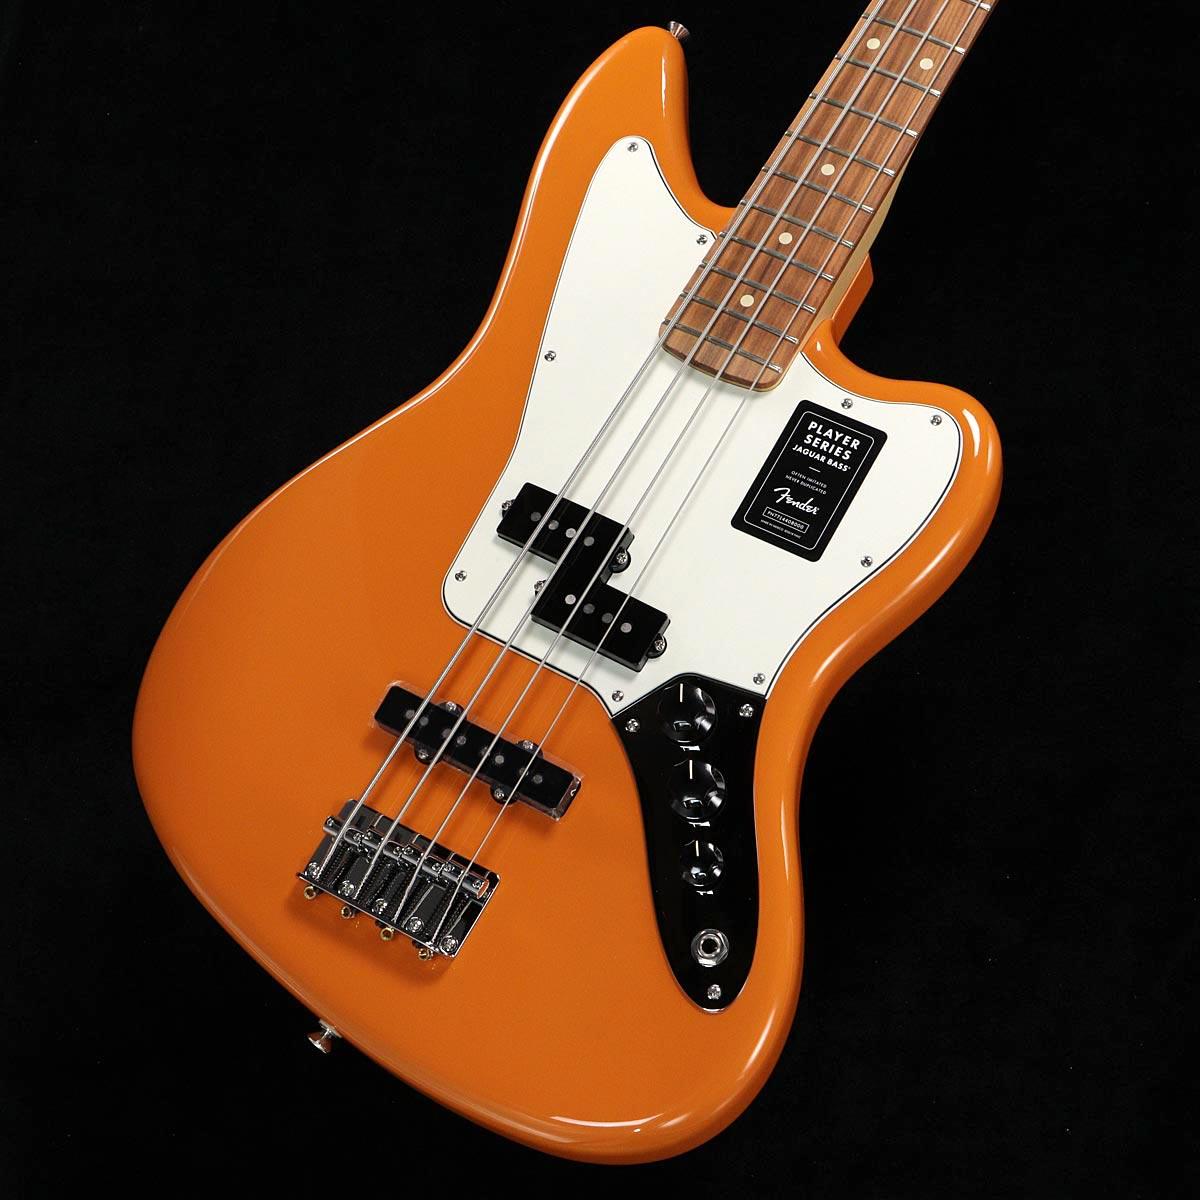 ベース, エレキベース Fender Player Series Jaguar Bass Capri Orange Pau Ferro Fingerborad